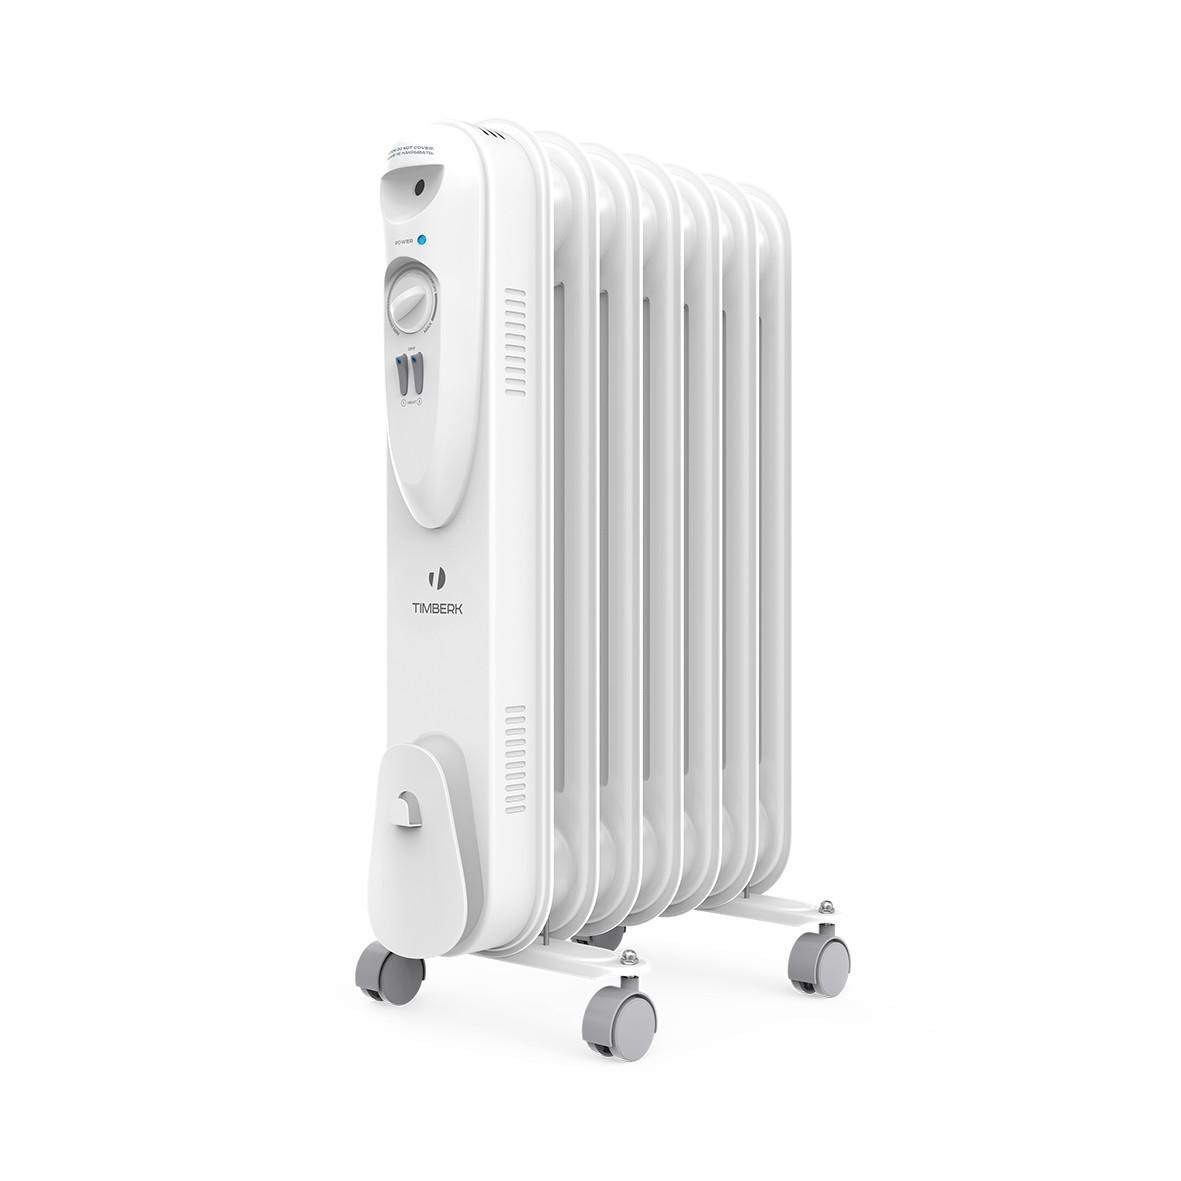 Масляный радиатор Timberk US TOR 21.1507 SLX, ULTRA SLIM дизайн, 7 секций, 1500 Вт., защита от протечек масла, высокоточный термостат